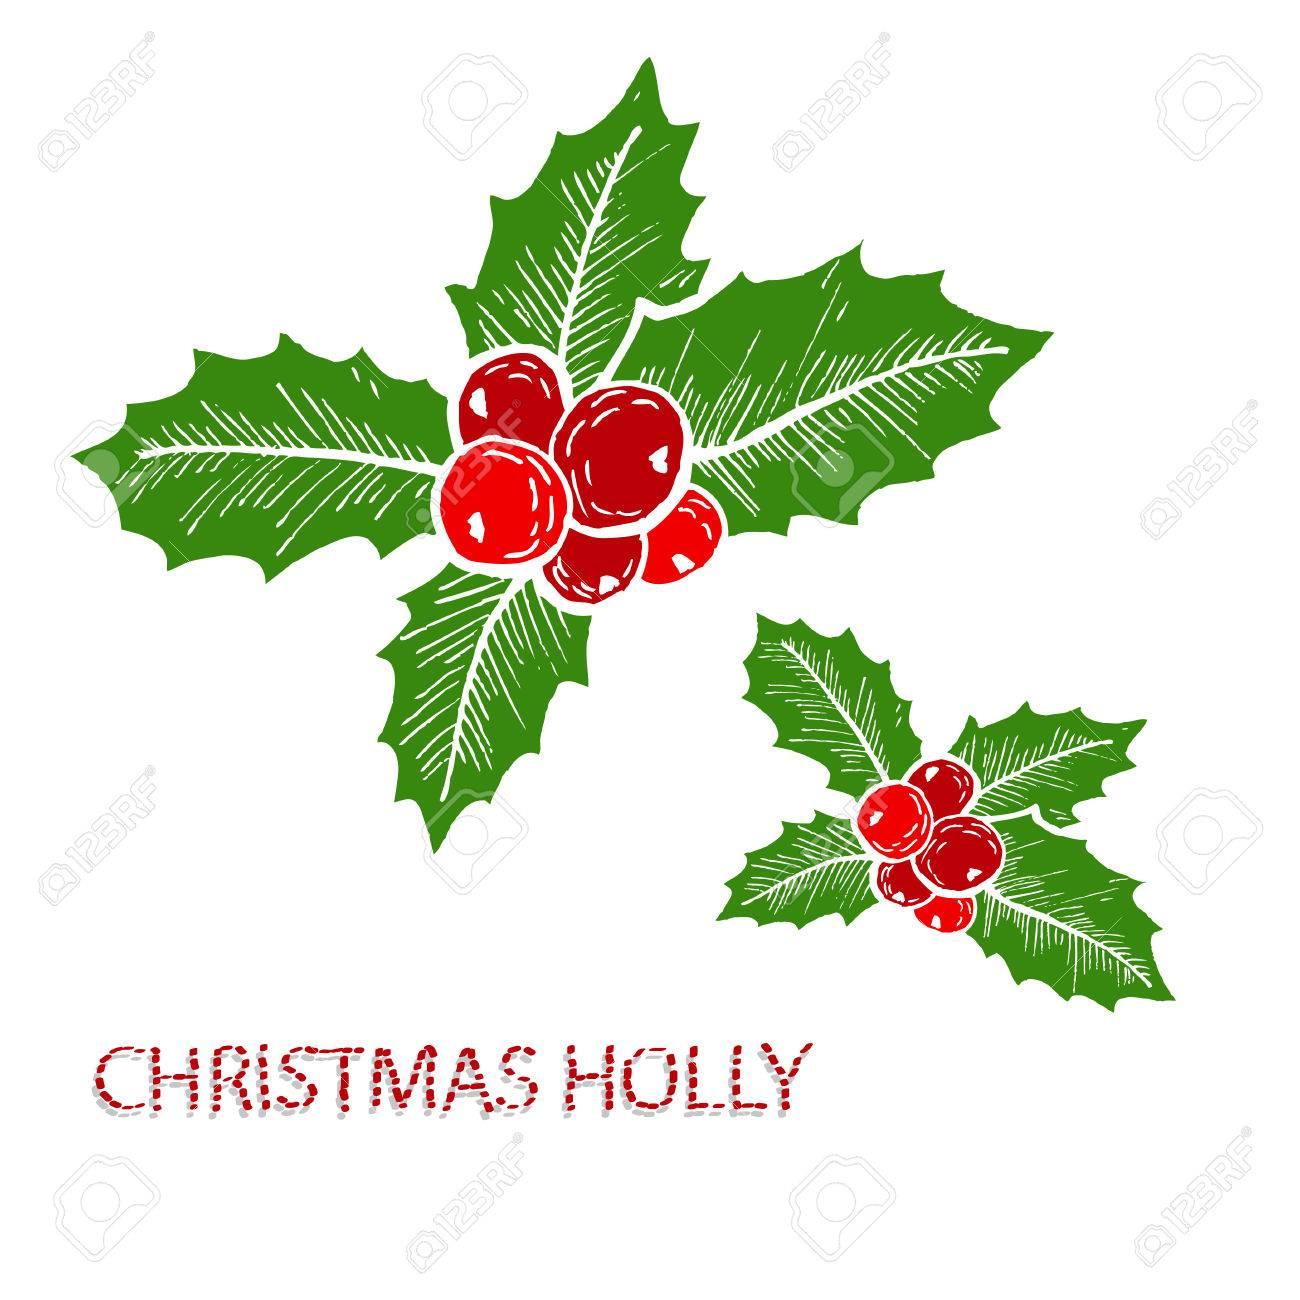 Immagini Agrifoglio Di Natale.Decorazioni Di Agrifoglio Di Natale Decorativi Disegnati A Mano Elementi Di Design Puo Essere Utilizzato Per Carte Inviti Carta Da Regalo Stampa